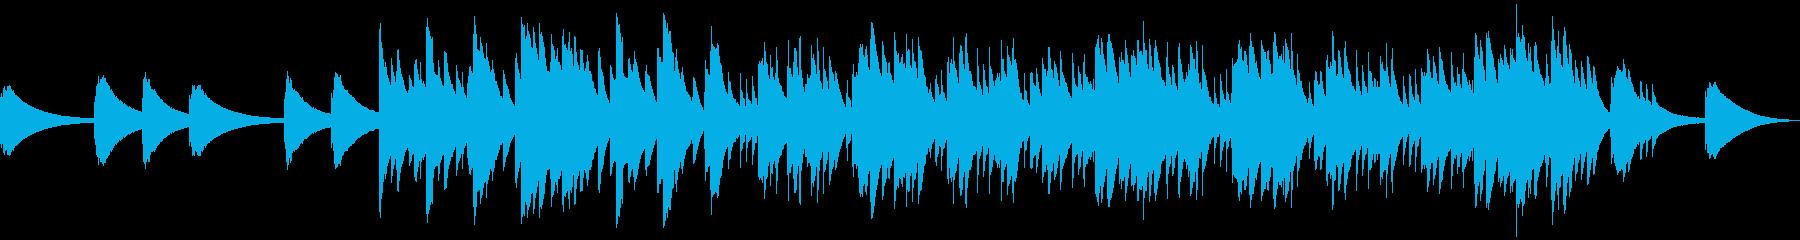 どこか物悲しい雰囲気のあるオルゴール曲の再生済みの波形